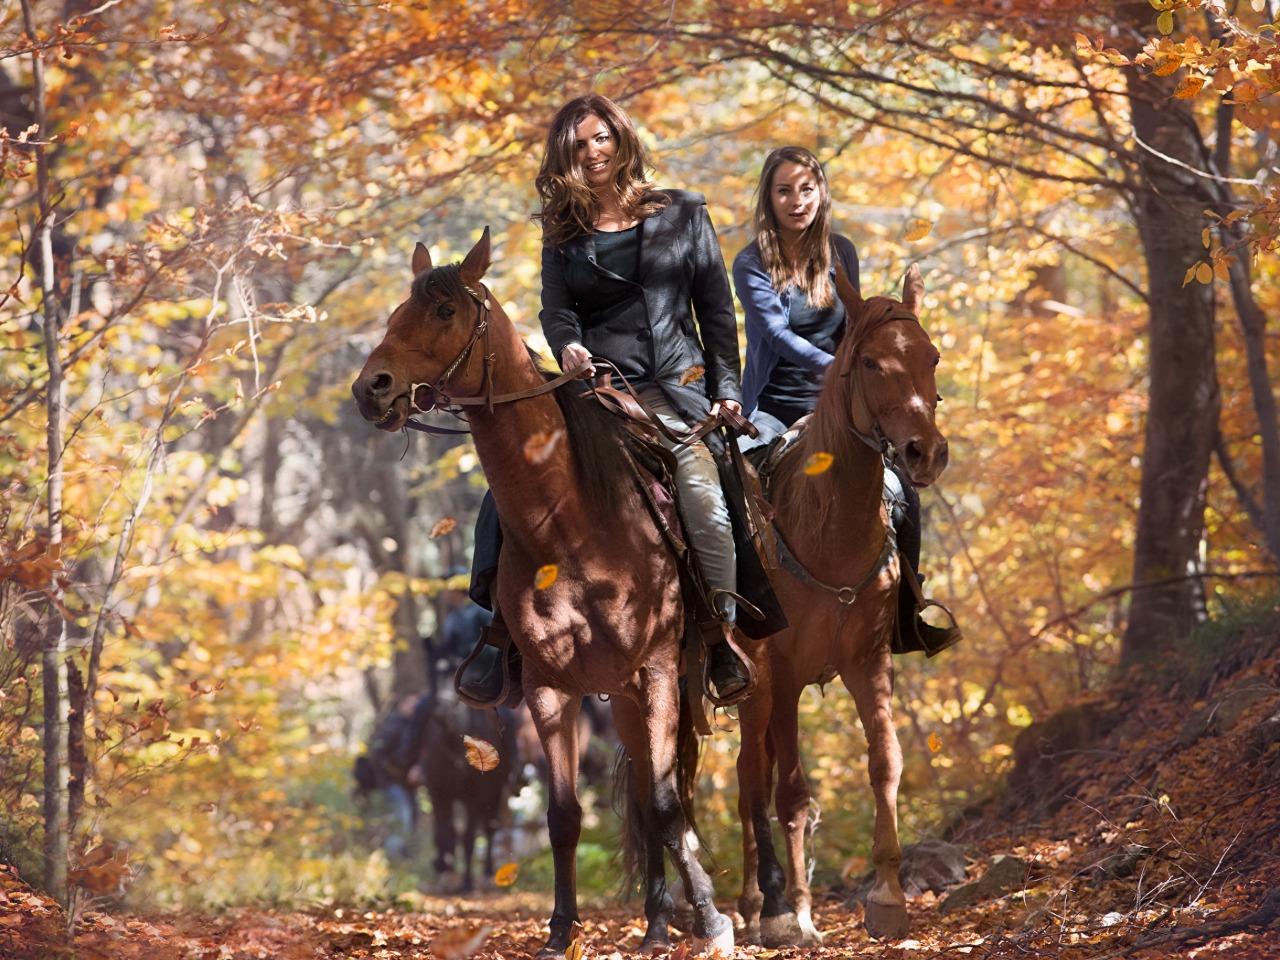 Кахетия: прогулка на лошадях по Кавказскому хребту - индивидуальная экскурсия в Тбилиси от опытного гида